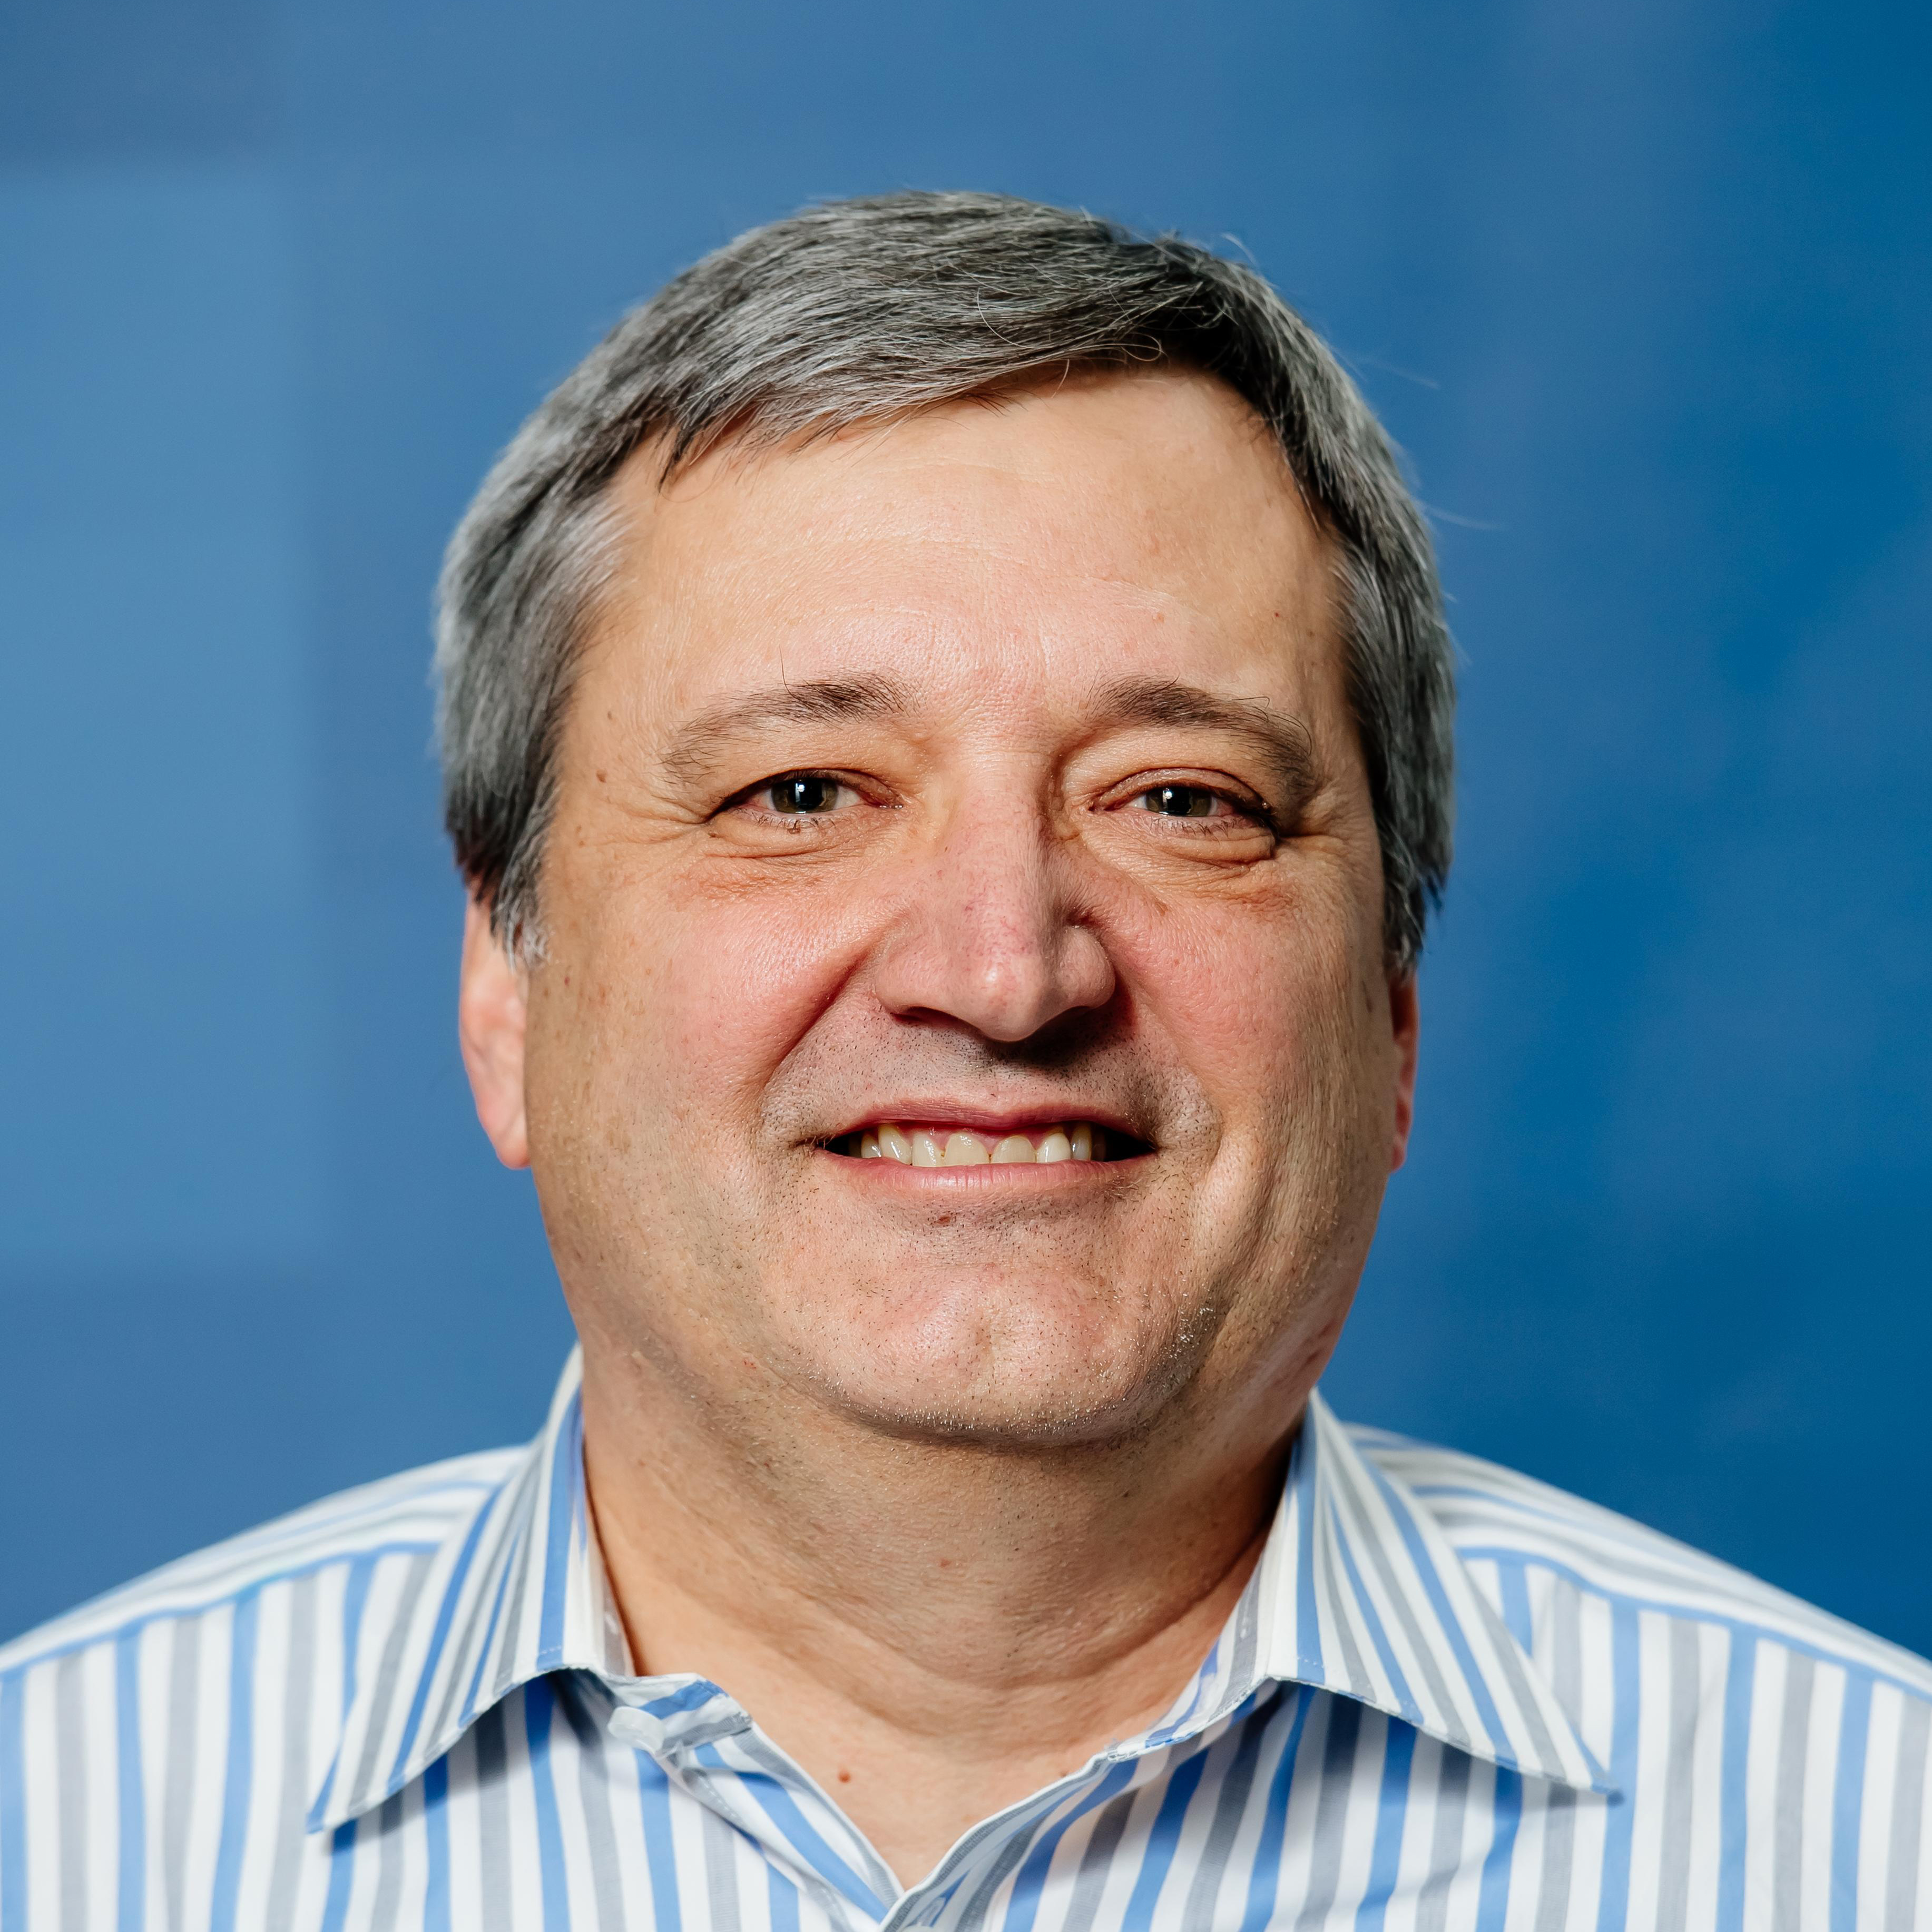 Robert Kiseleff